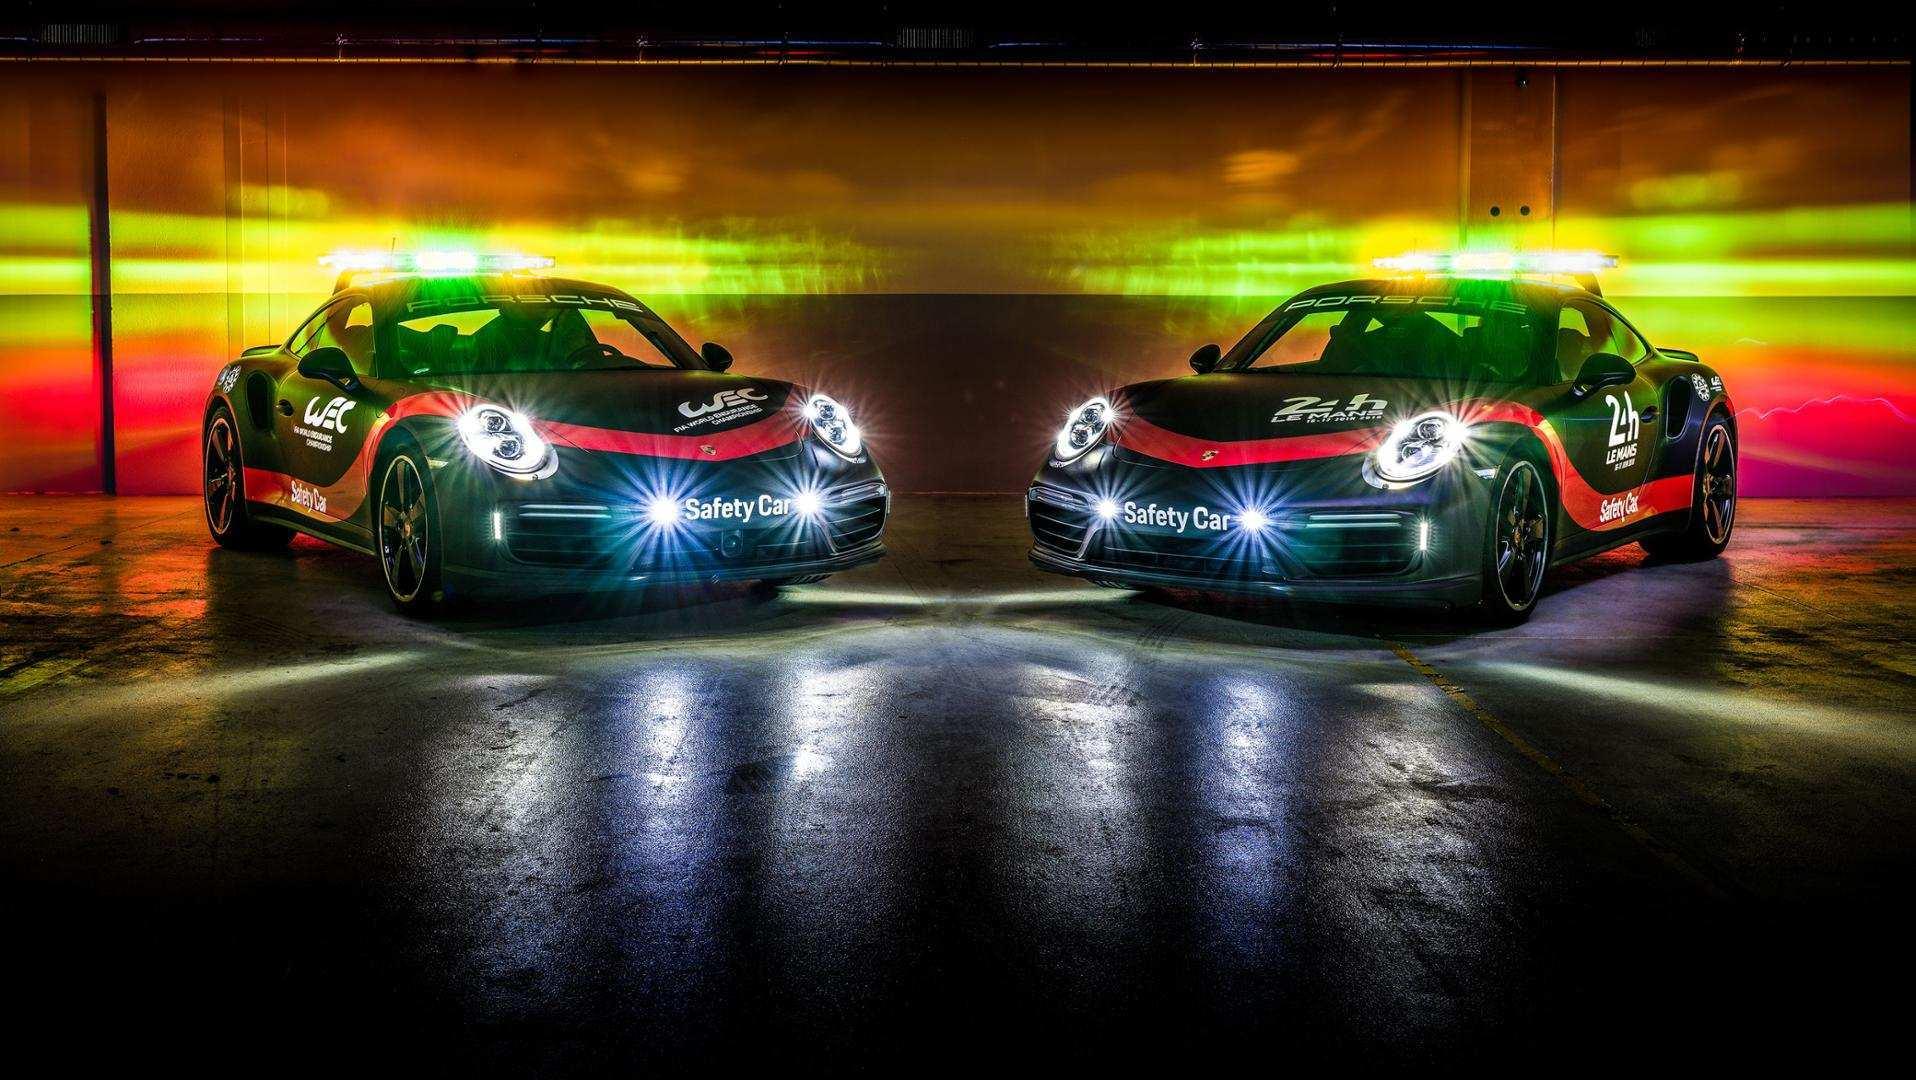 53 All New Porsche Neuheiten 2020 Pricing with Porsche Neuheiten 2020